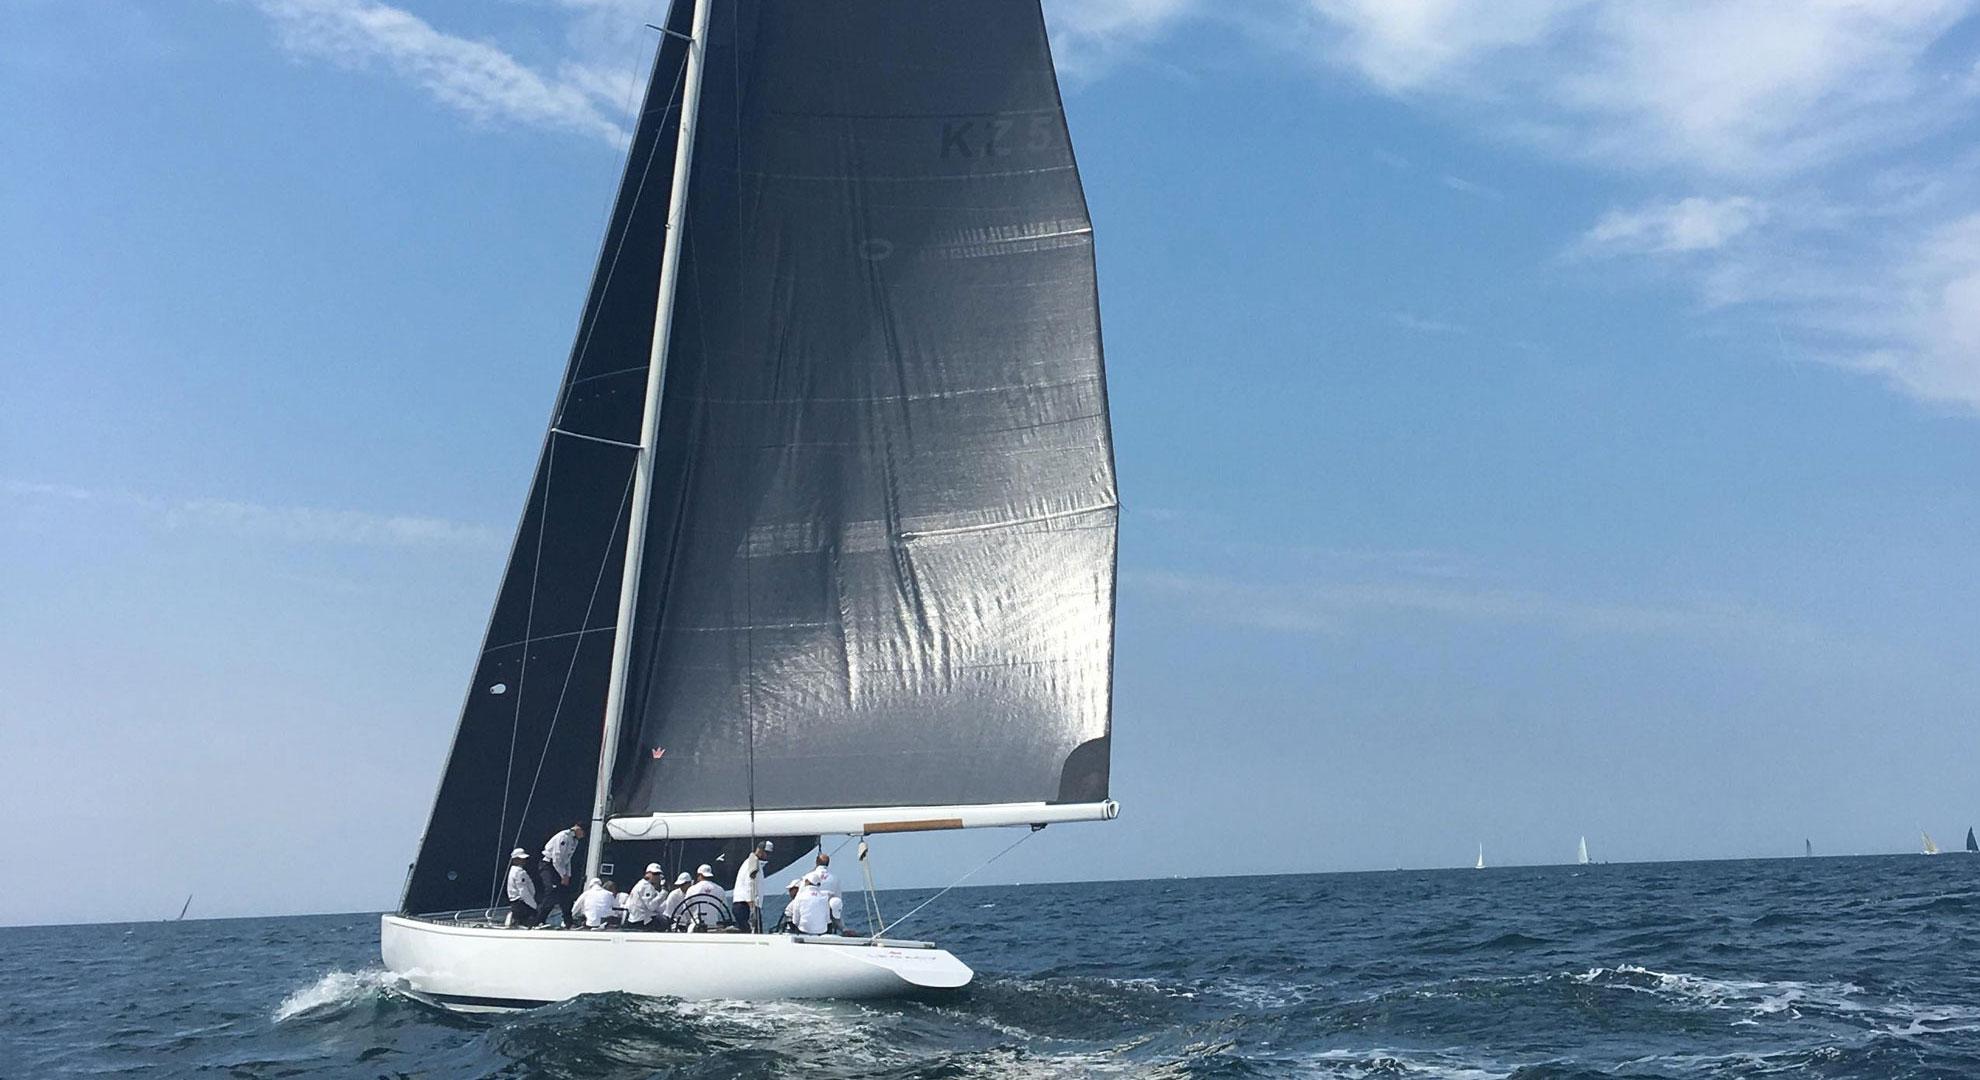 Elvstrøm Sails 12 meter Worlds Victory - Elvstrøm Sails